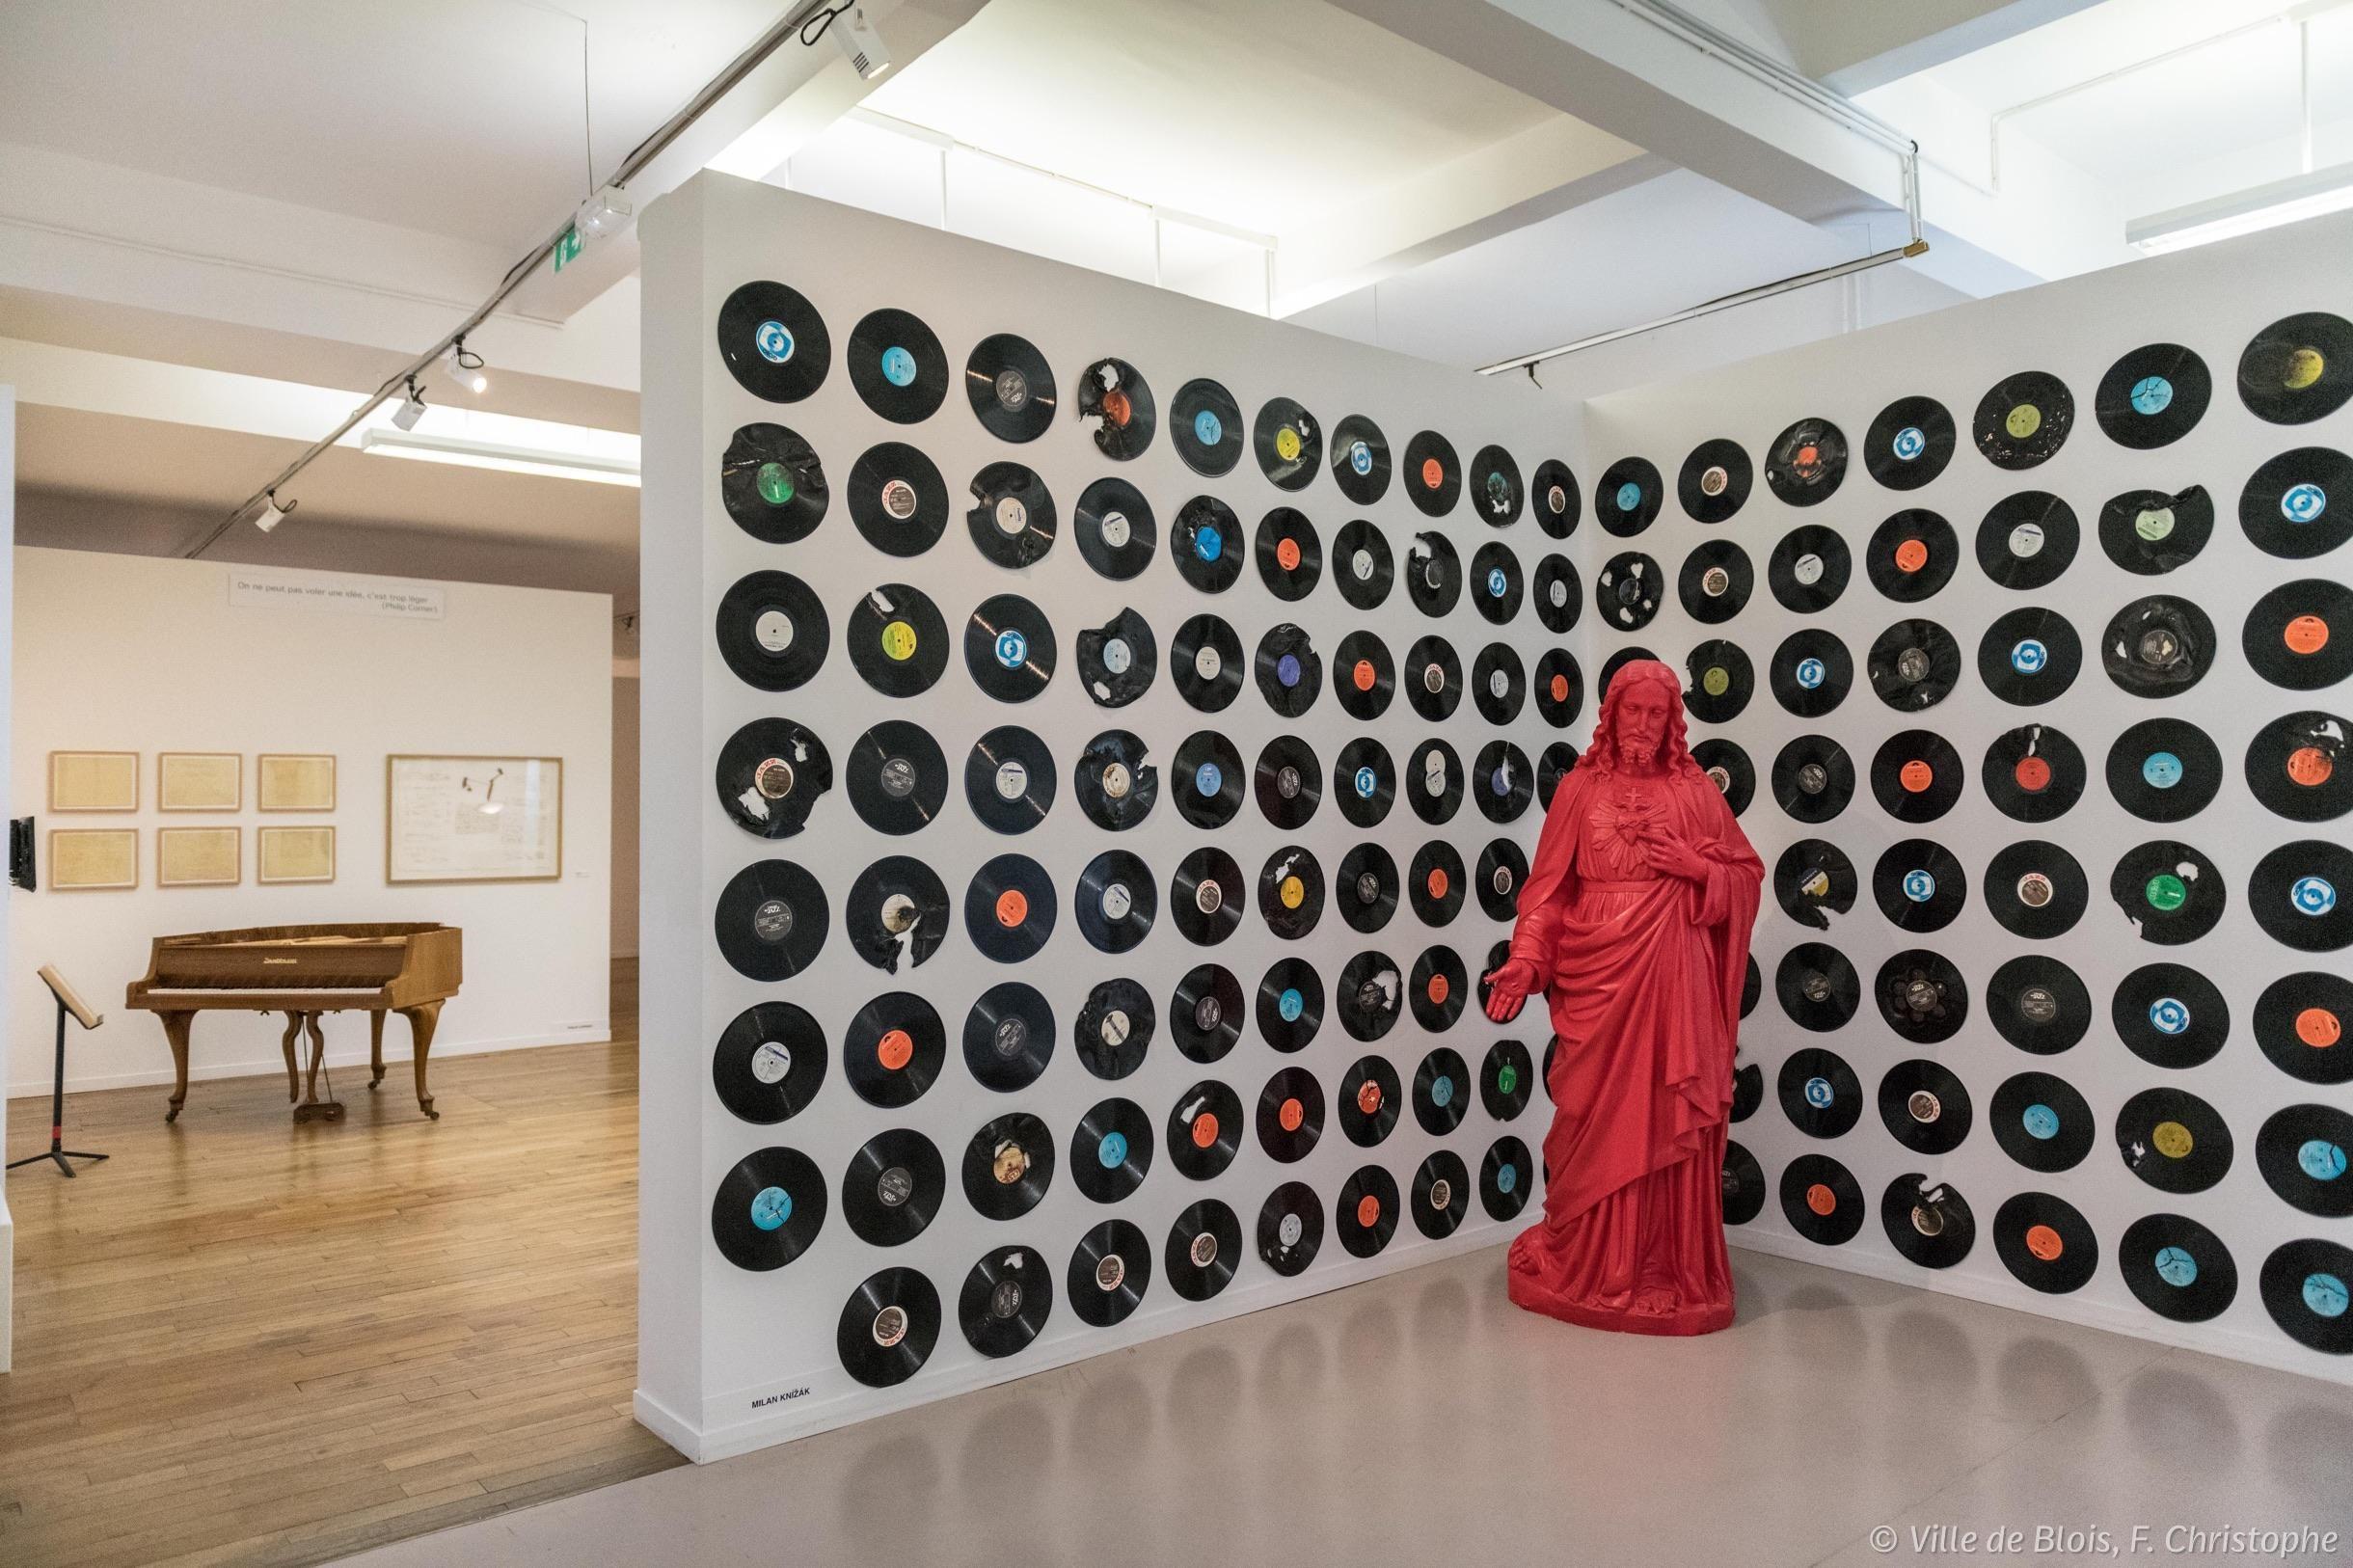 Installation composée d'une sculpture à l'effigie d'un Christ peint en rouge au milieu de disques vinyles 33 tours accrochés au mur.